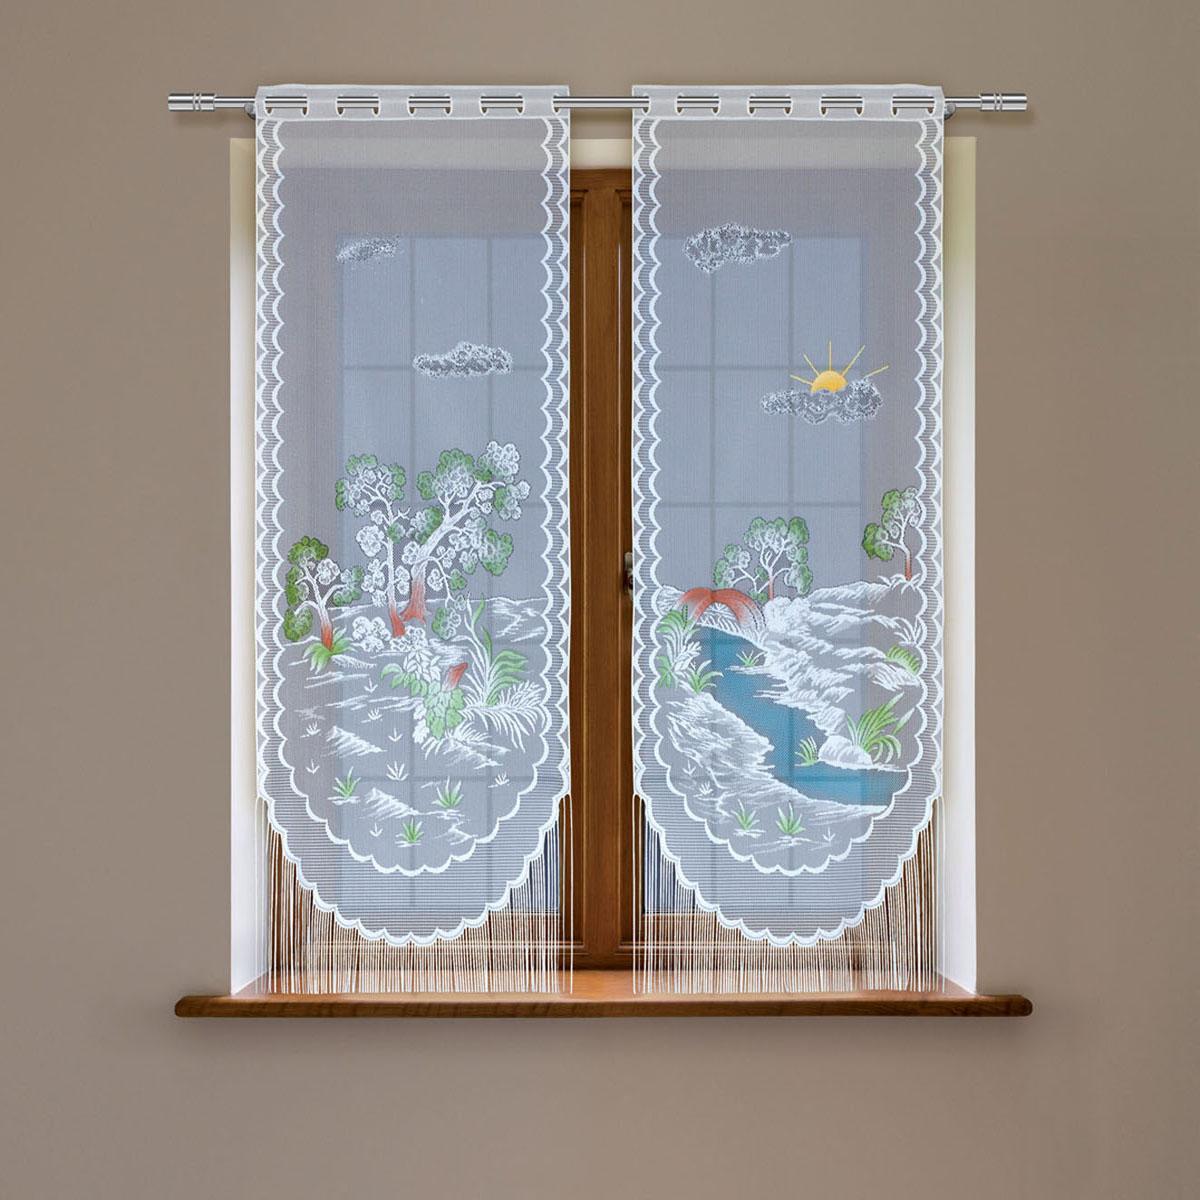 Гардина Haft, цвет: белый, высота 160 см2302С/60Гардина имеет в верхней части полотна прорези, через которые гардина-витраж вывешивается на карниз или можно крепить на зажим для штор,котрый в комплект не входит.Комплект состоит из двух полотен (выс.160* шир.60) Размеры: (высота 160* ширина 60)*2